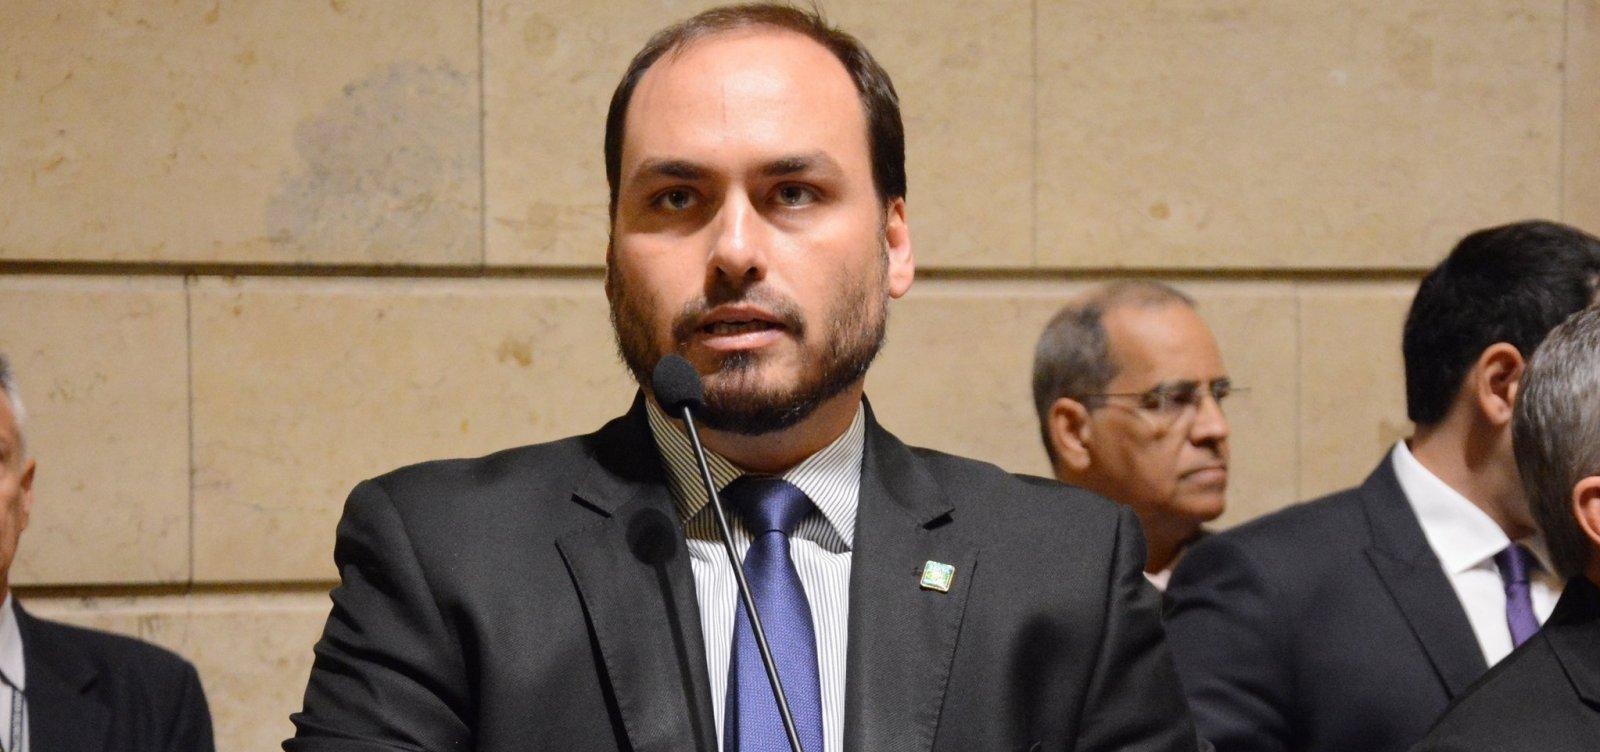 Carlos Bolsonaro tem sigilos quebrados pela Justiça em apuração sobre funcionários 'fantasmas' na Câmara do Rio